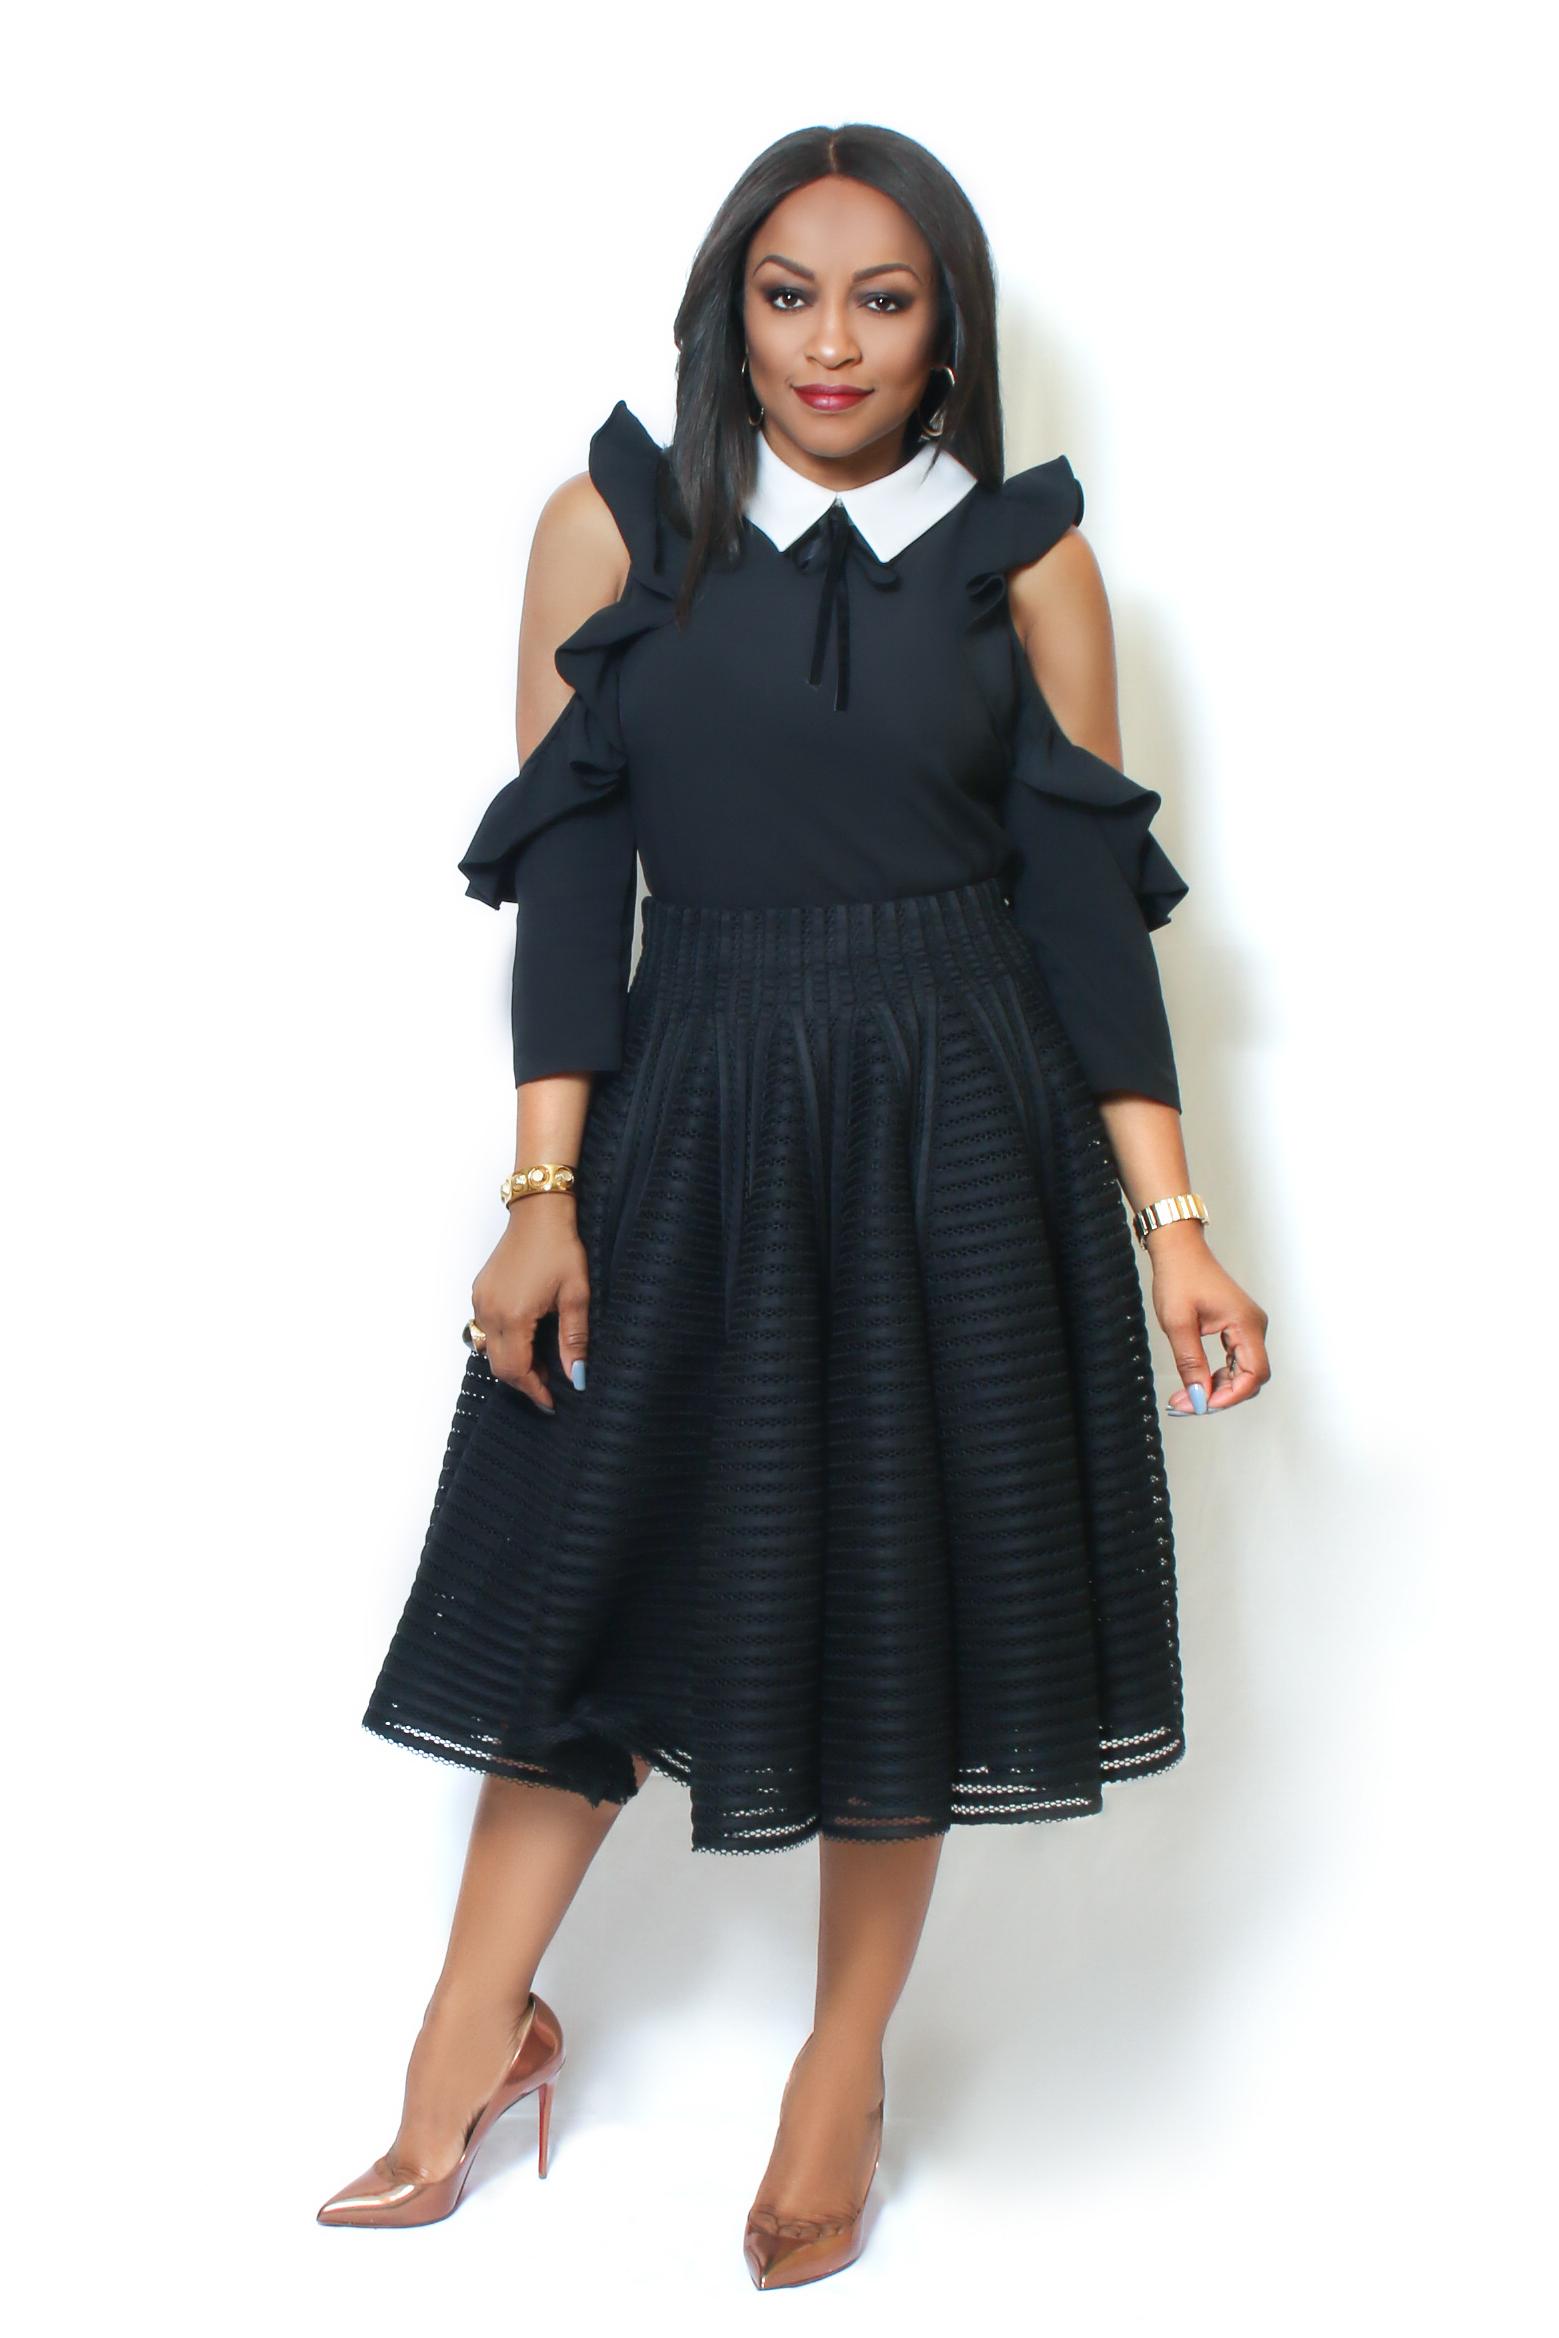 Marilyn Black Skirt by Style Selfie is a full skirt